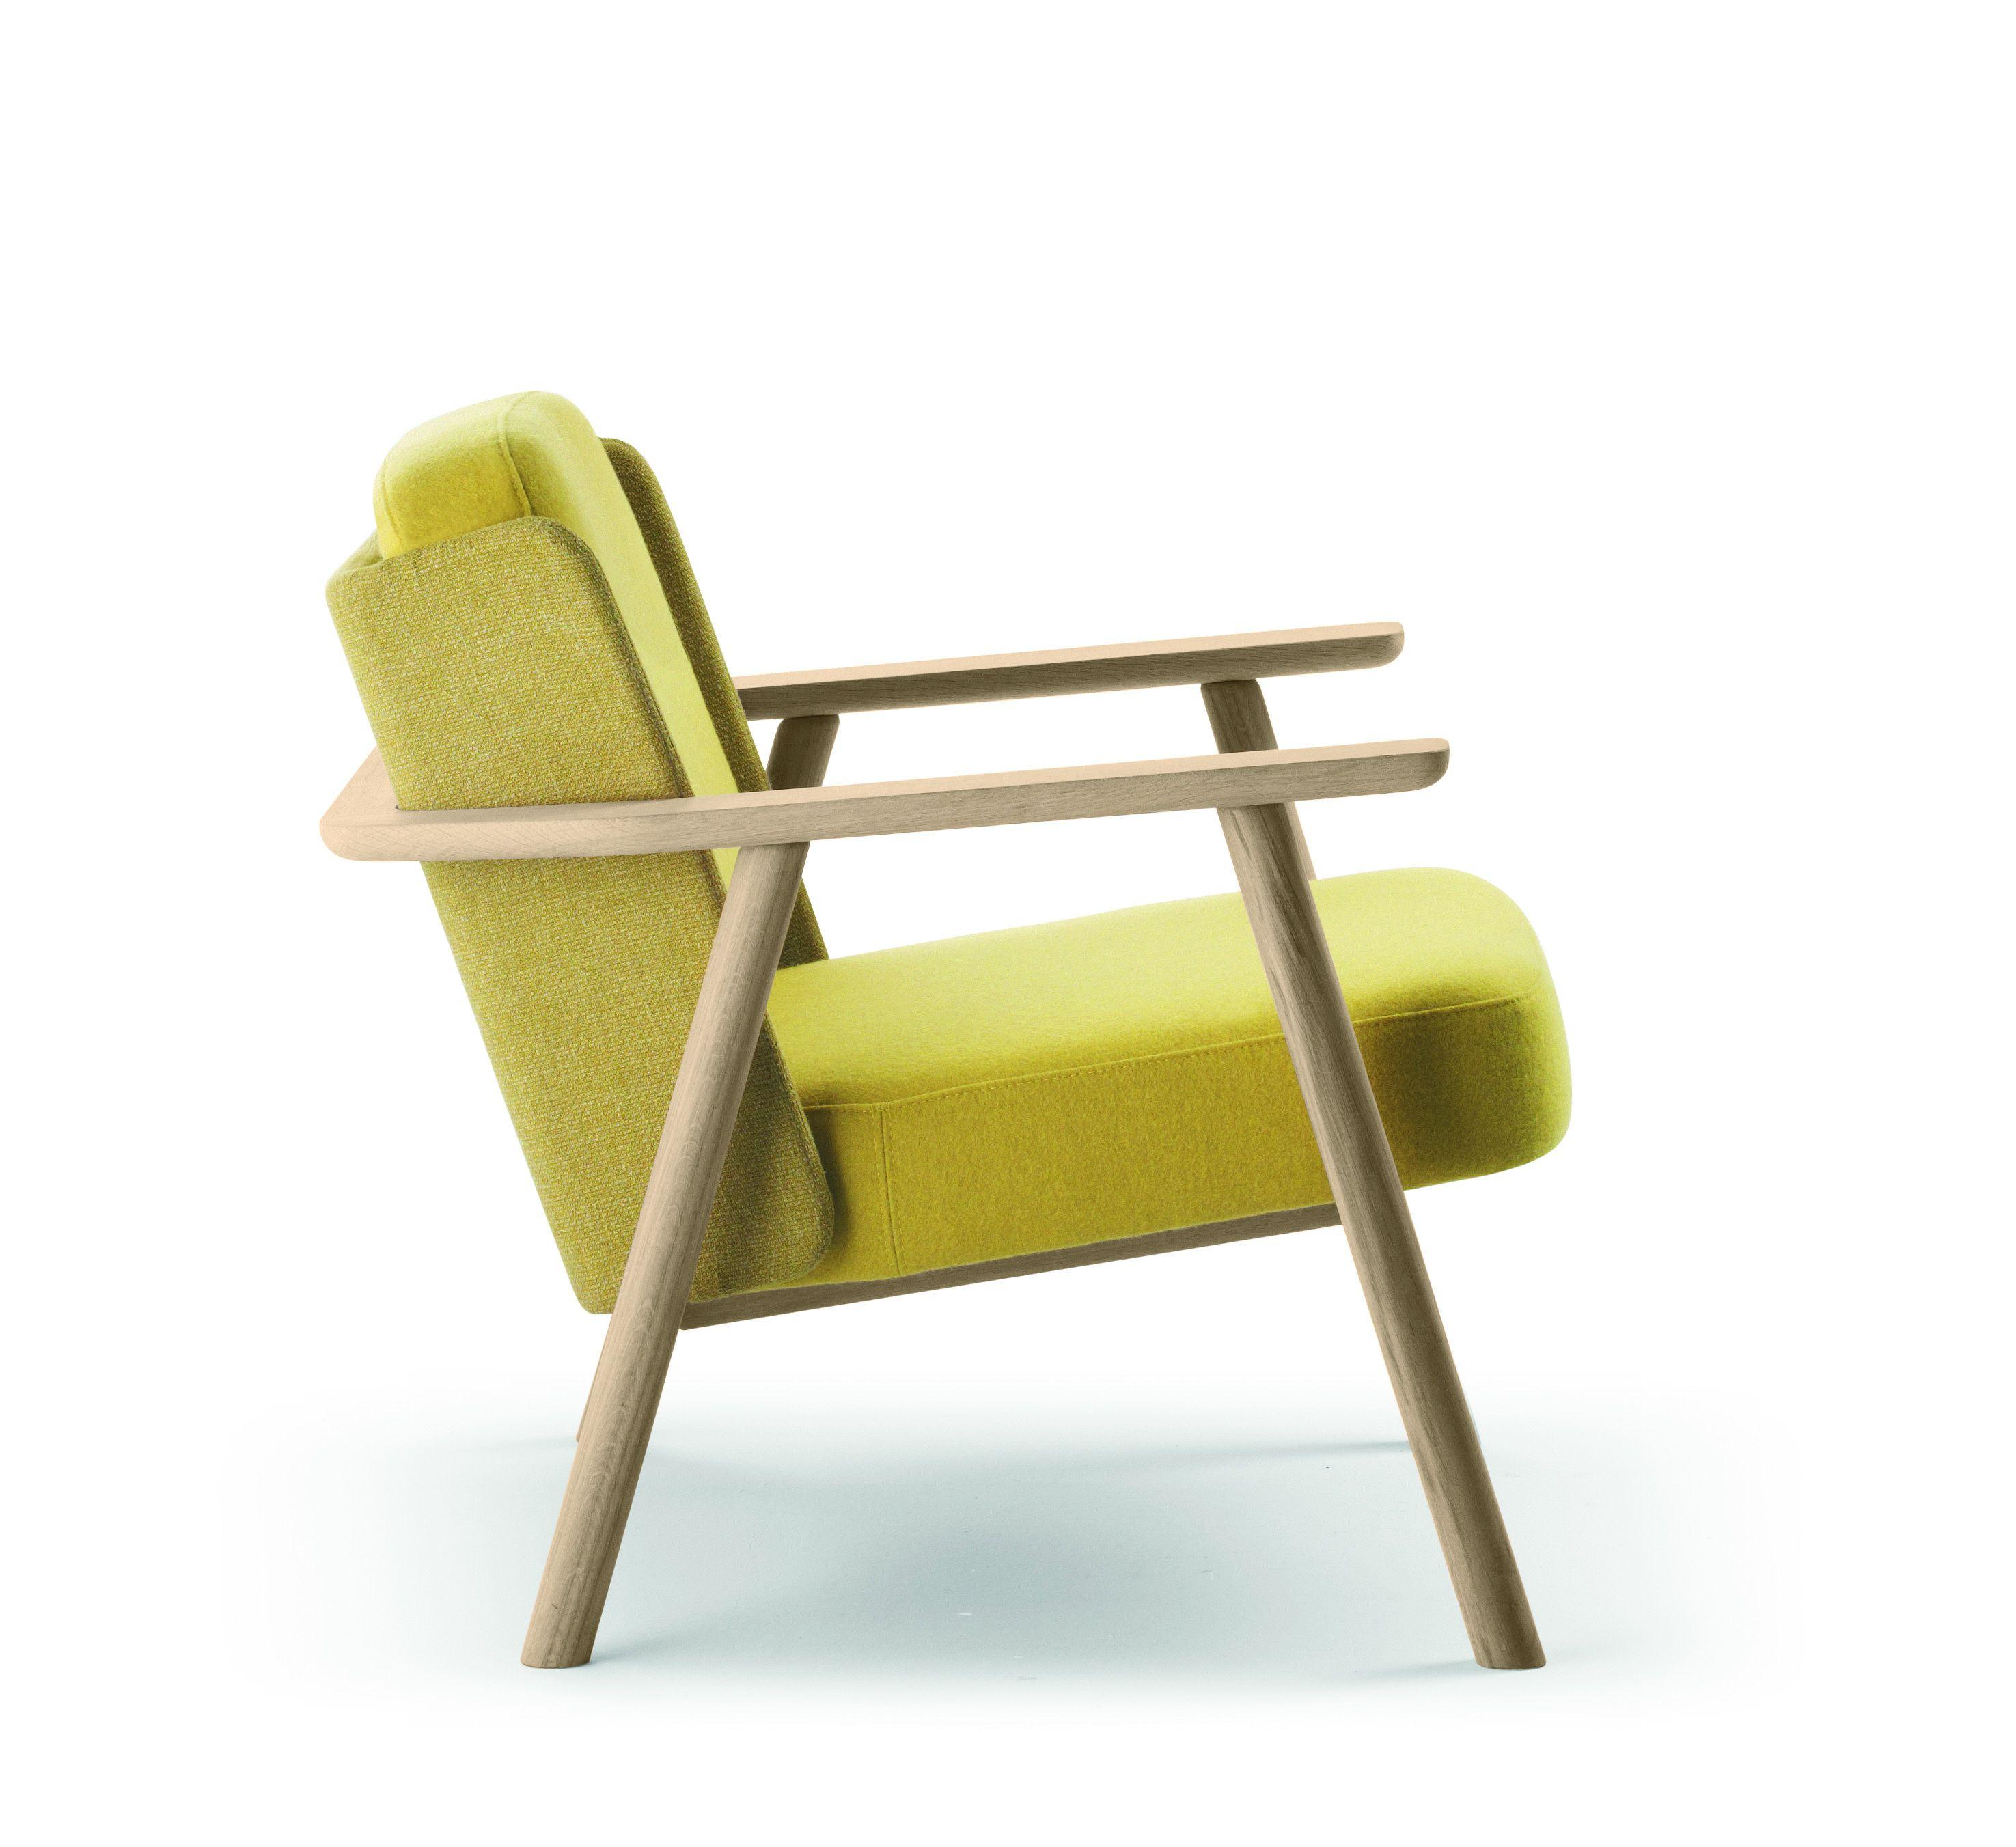 Lasai petit fauteuil by alki design jean louis iratzoki for Petit fauteuil salon design